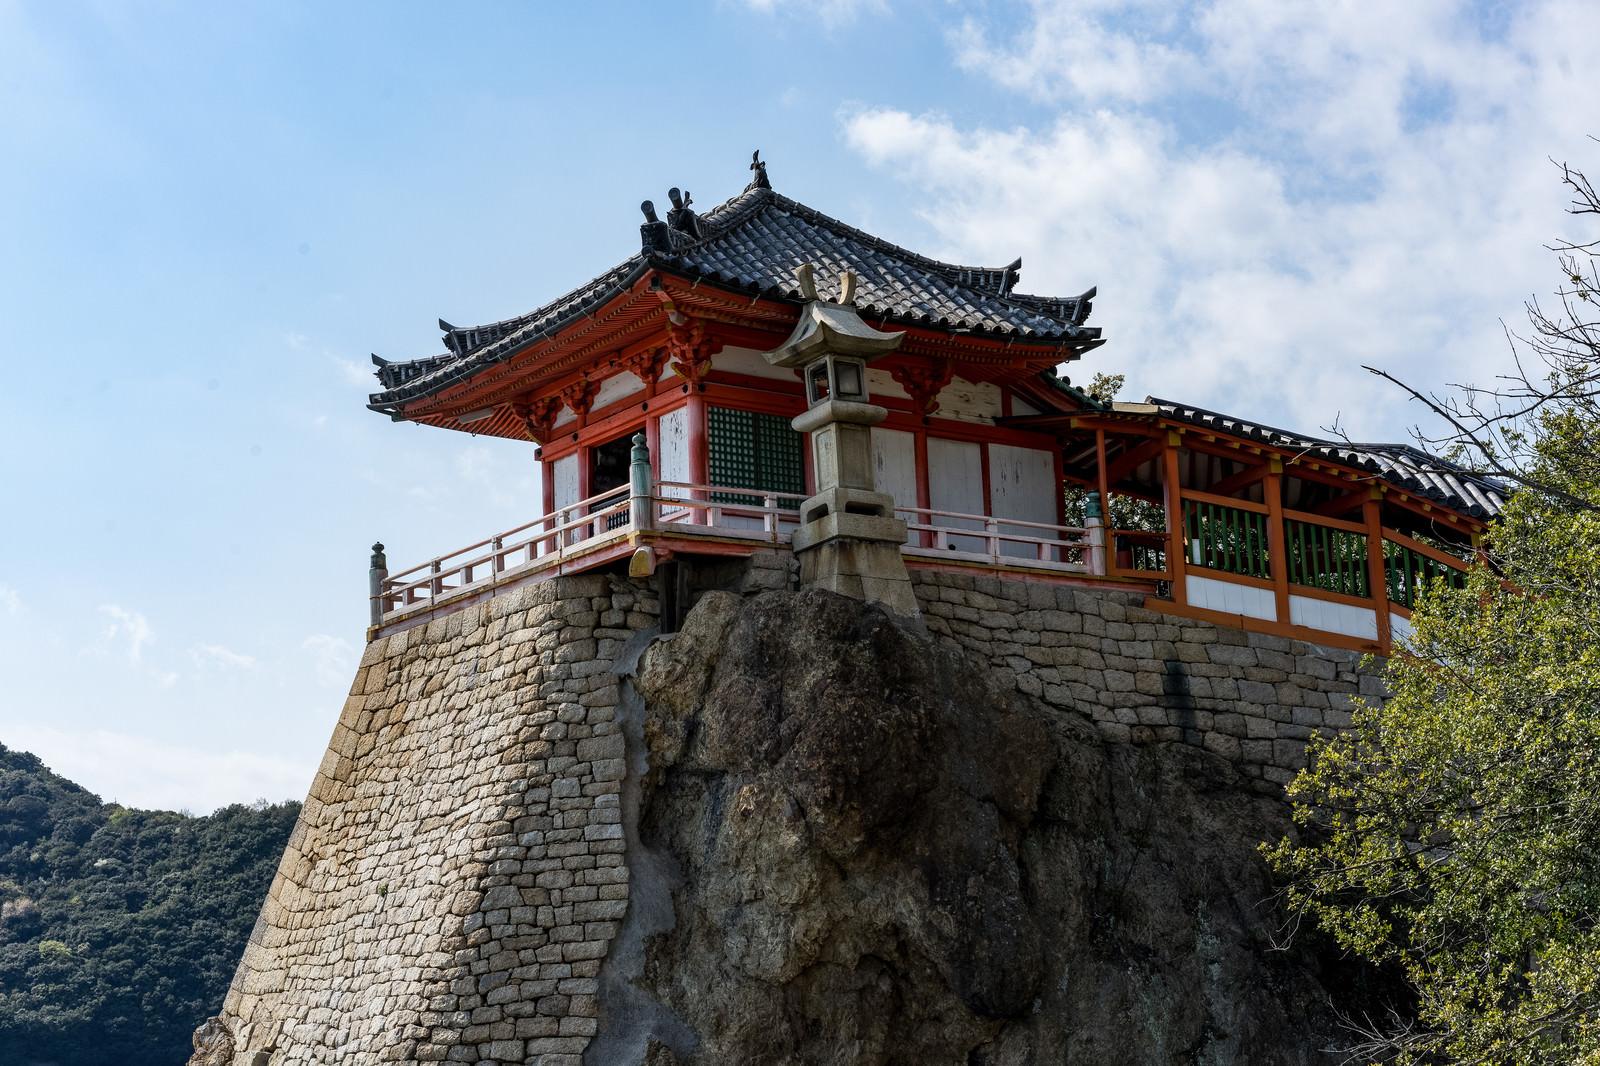 「磐台寺観音堂(阿伏兎観音)」の写真